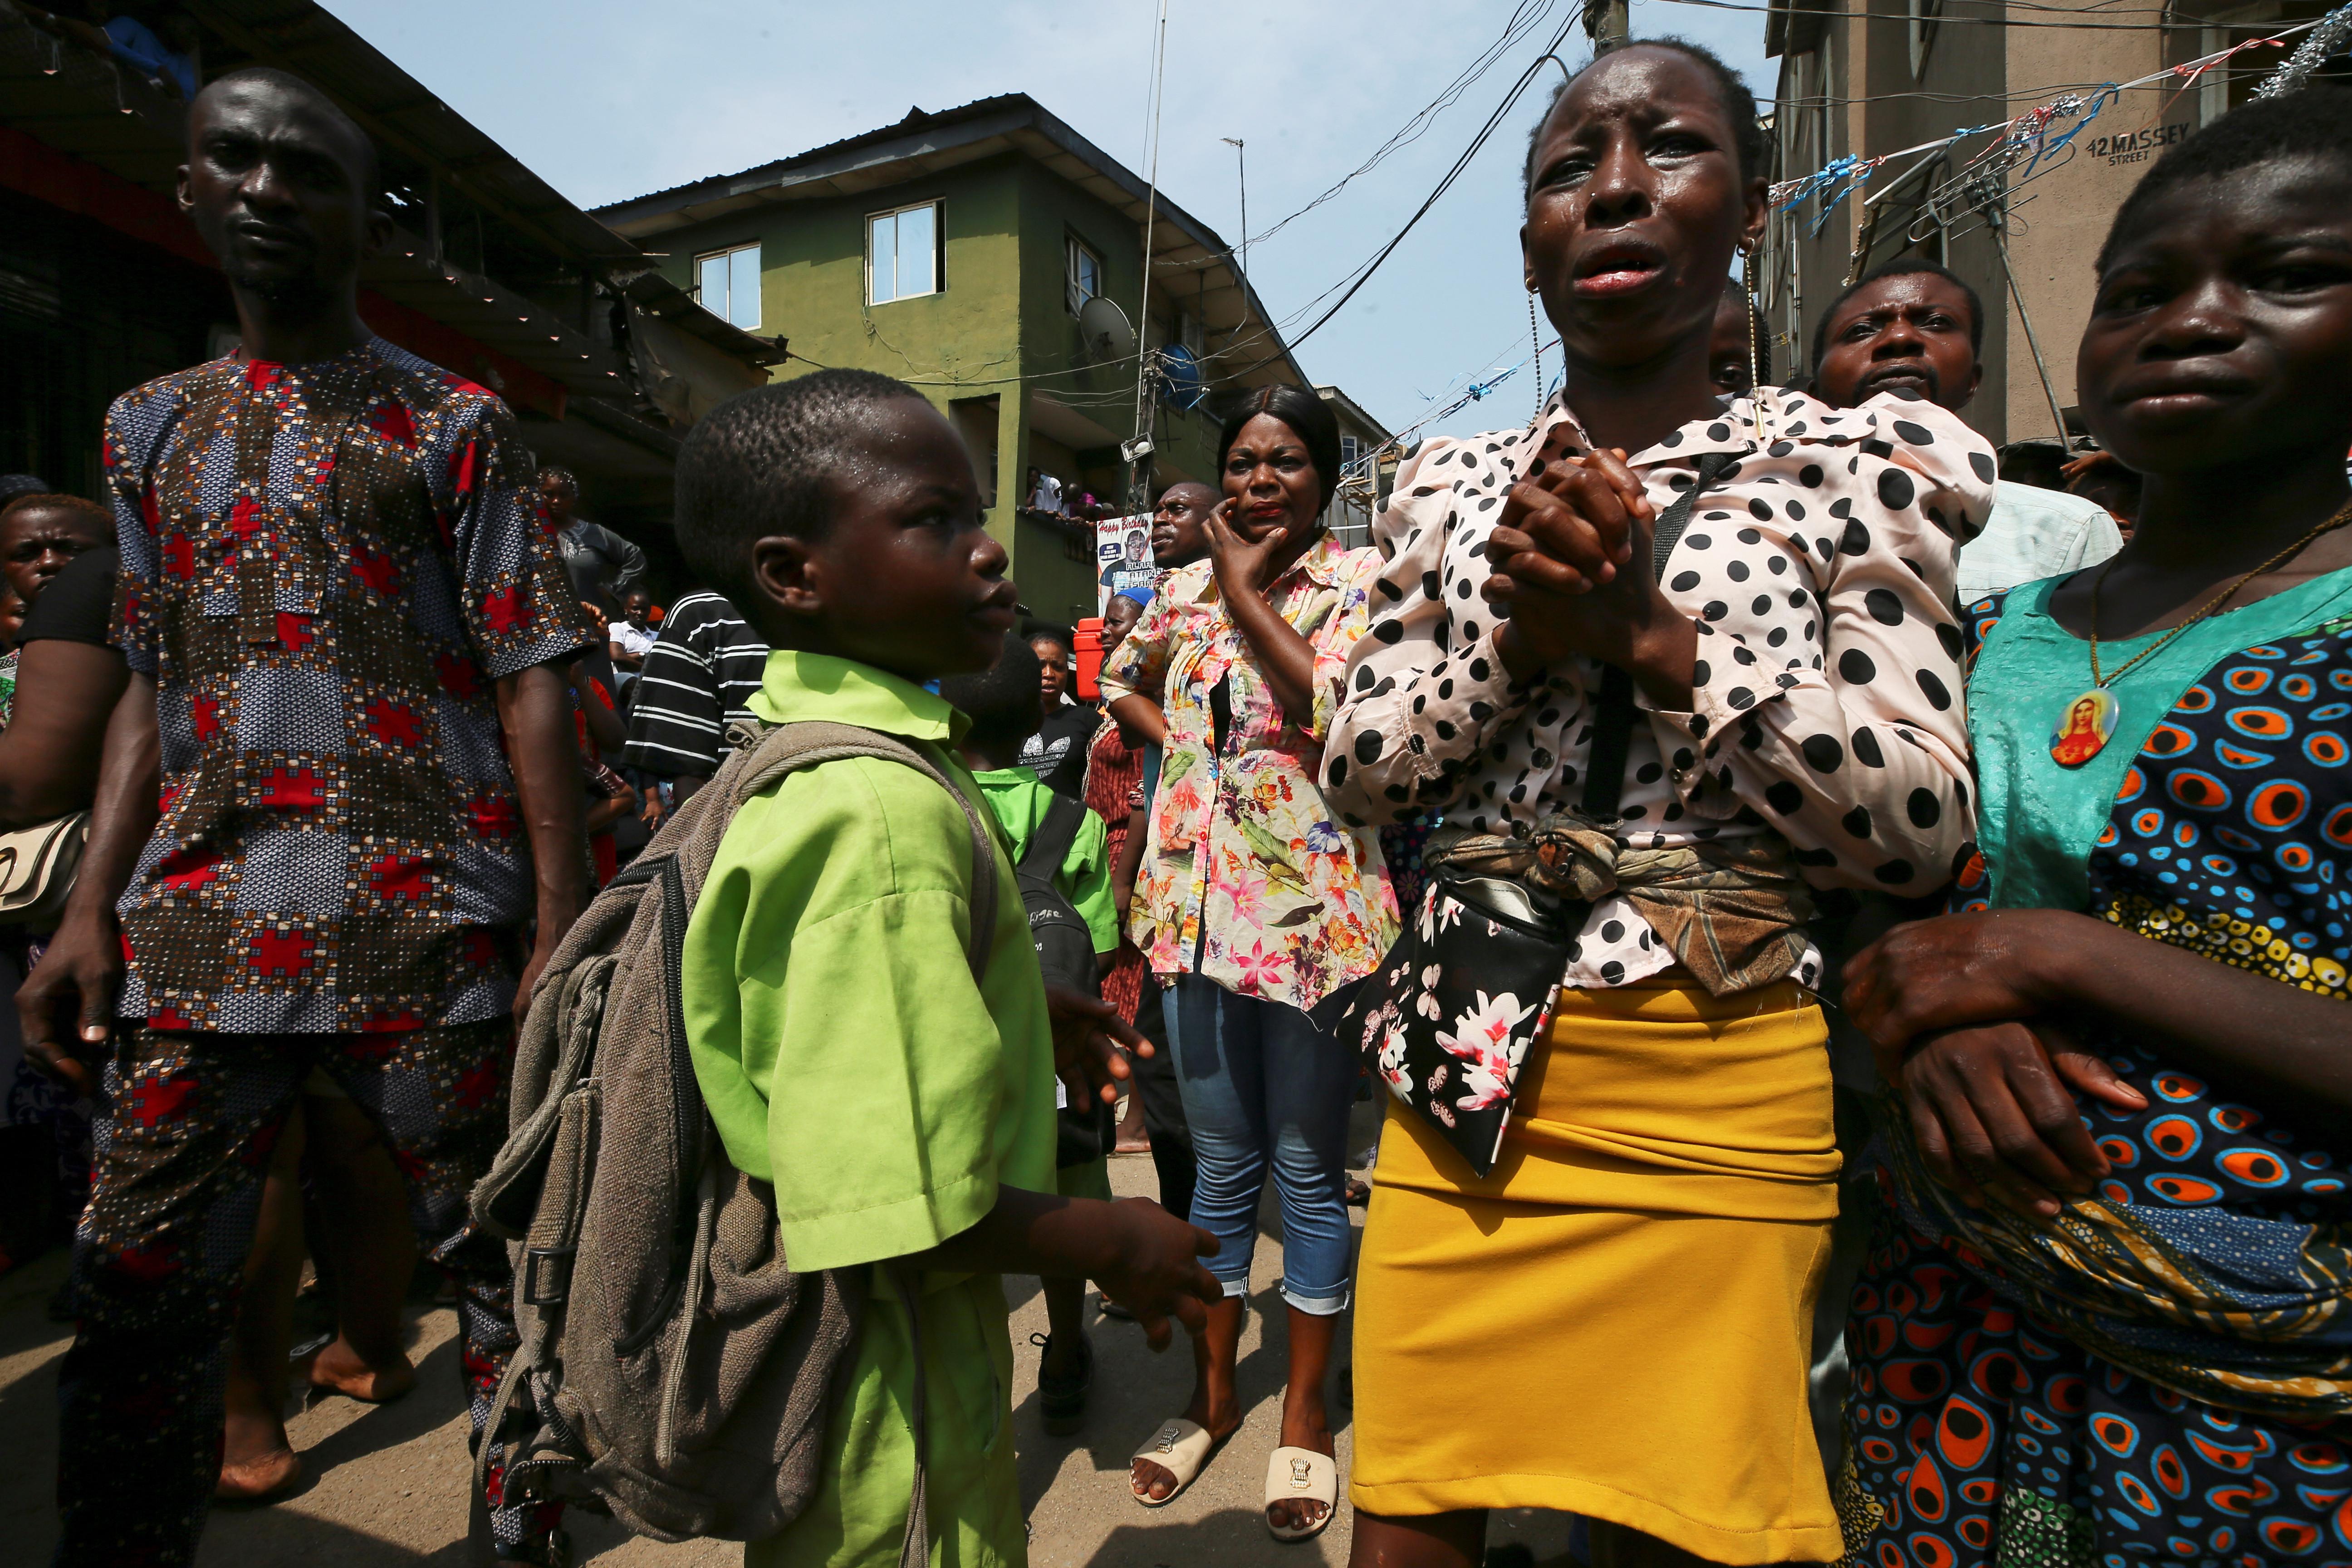 Ataque Escola Suzano Gallery: As (arrepiantes) Imagens Do Resgate Na Nigéria Após